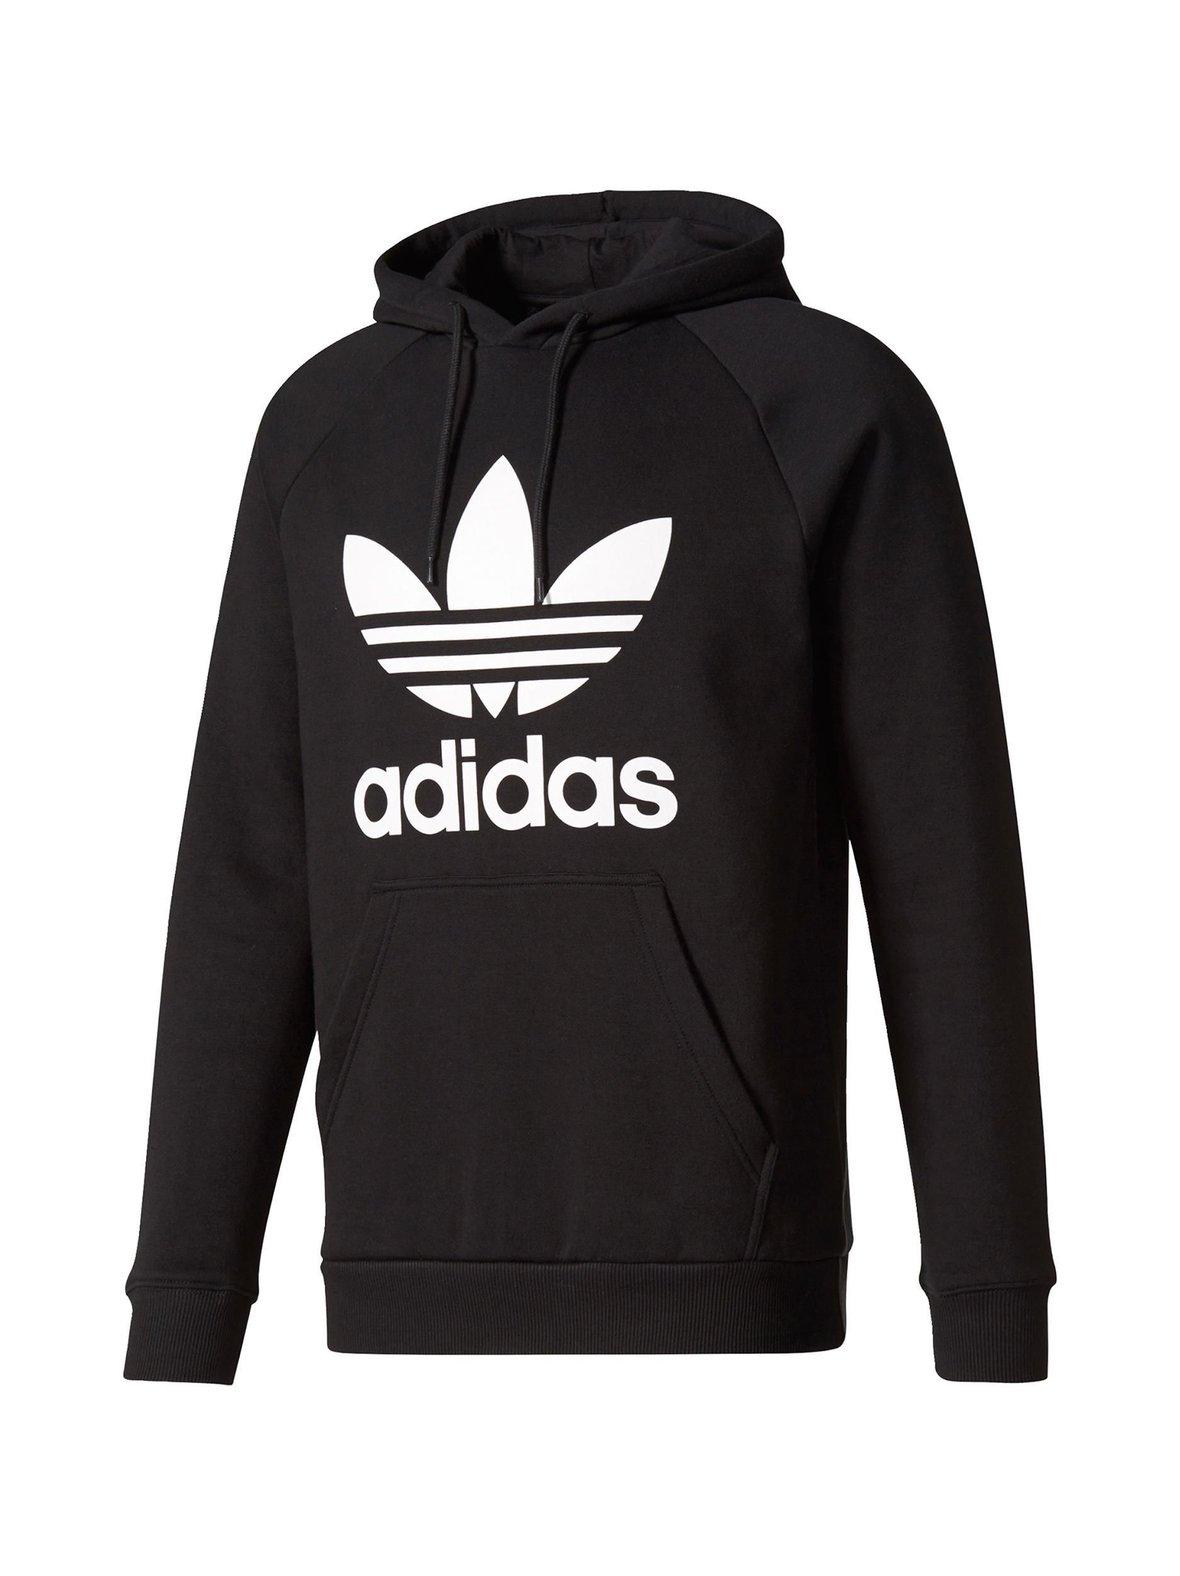 newest 9e686 e29c4 Black (musta) Adidas Originals Trefoil-huppari BR4852   XL   Urheilu ...